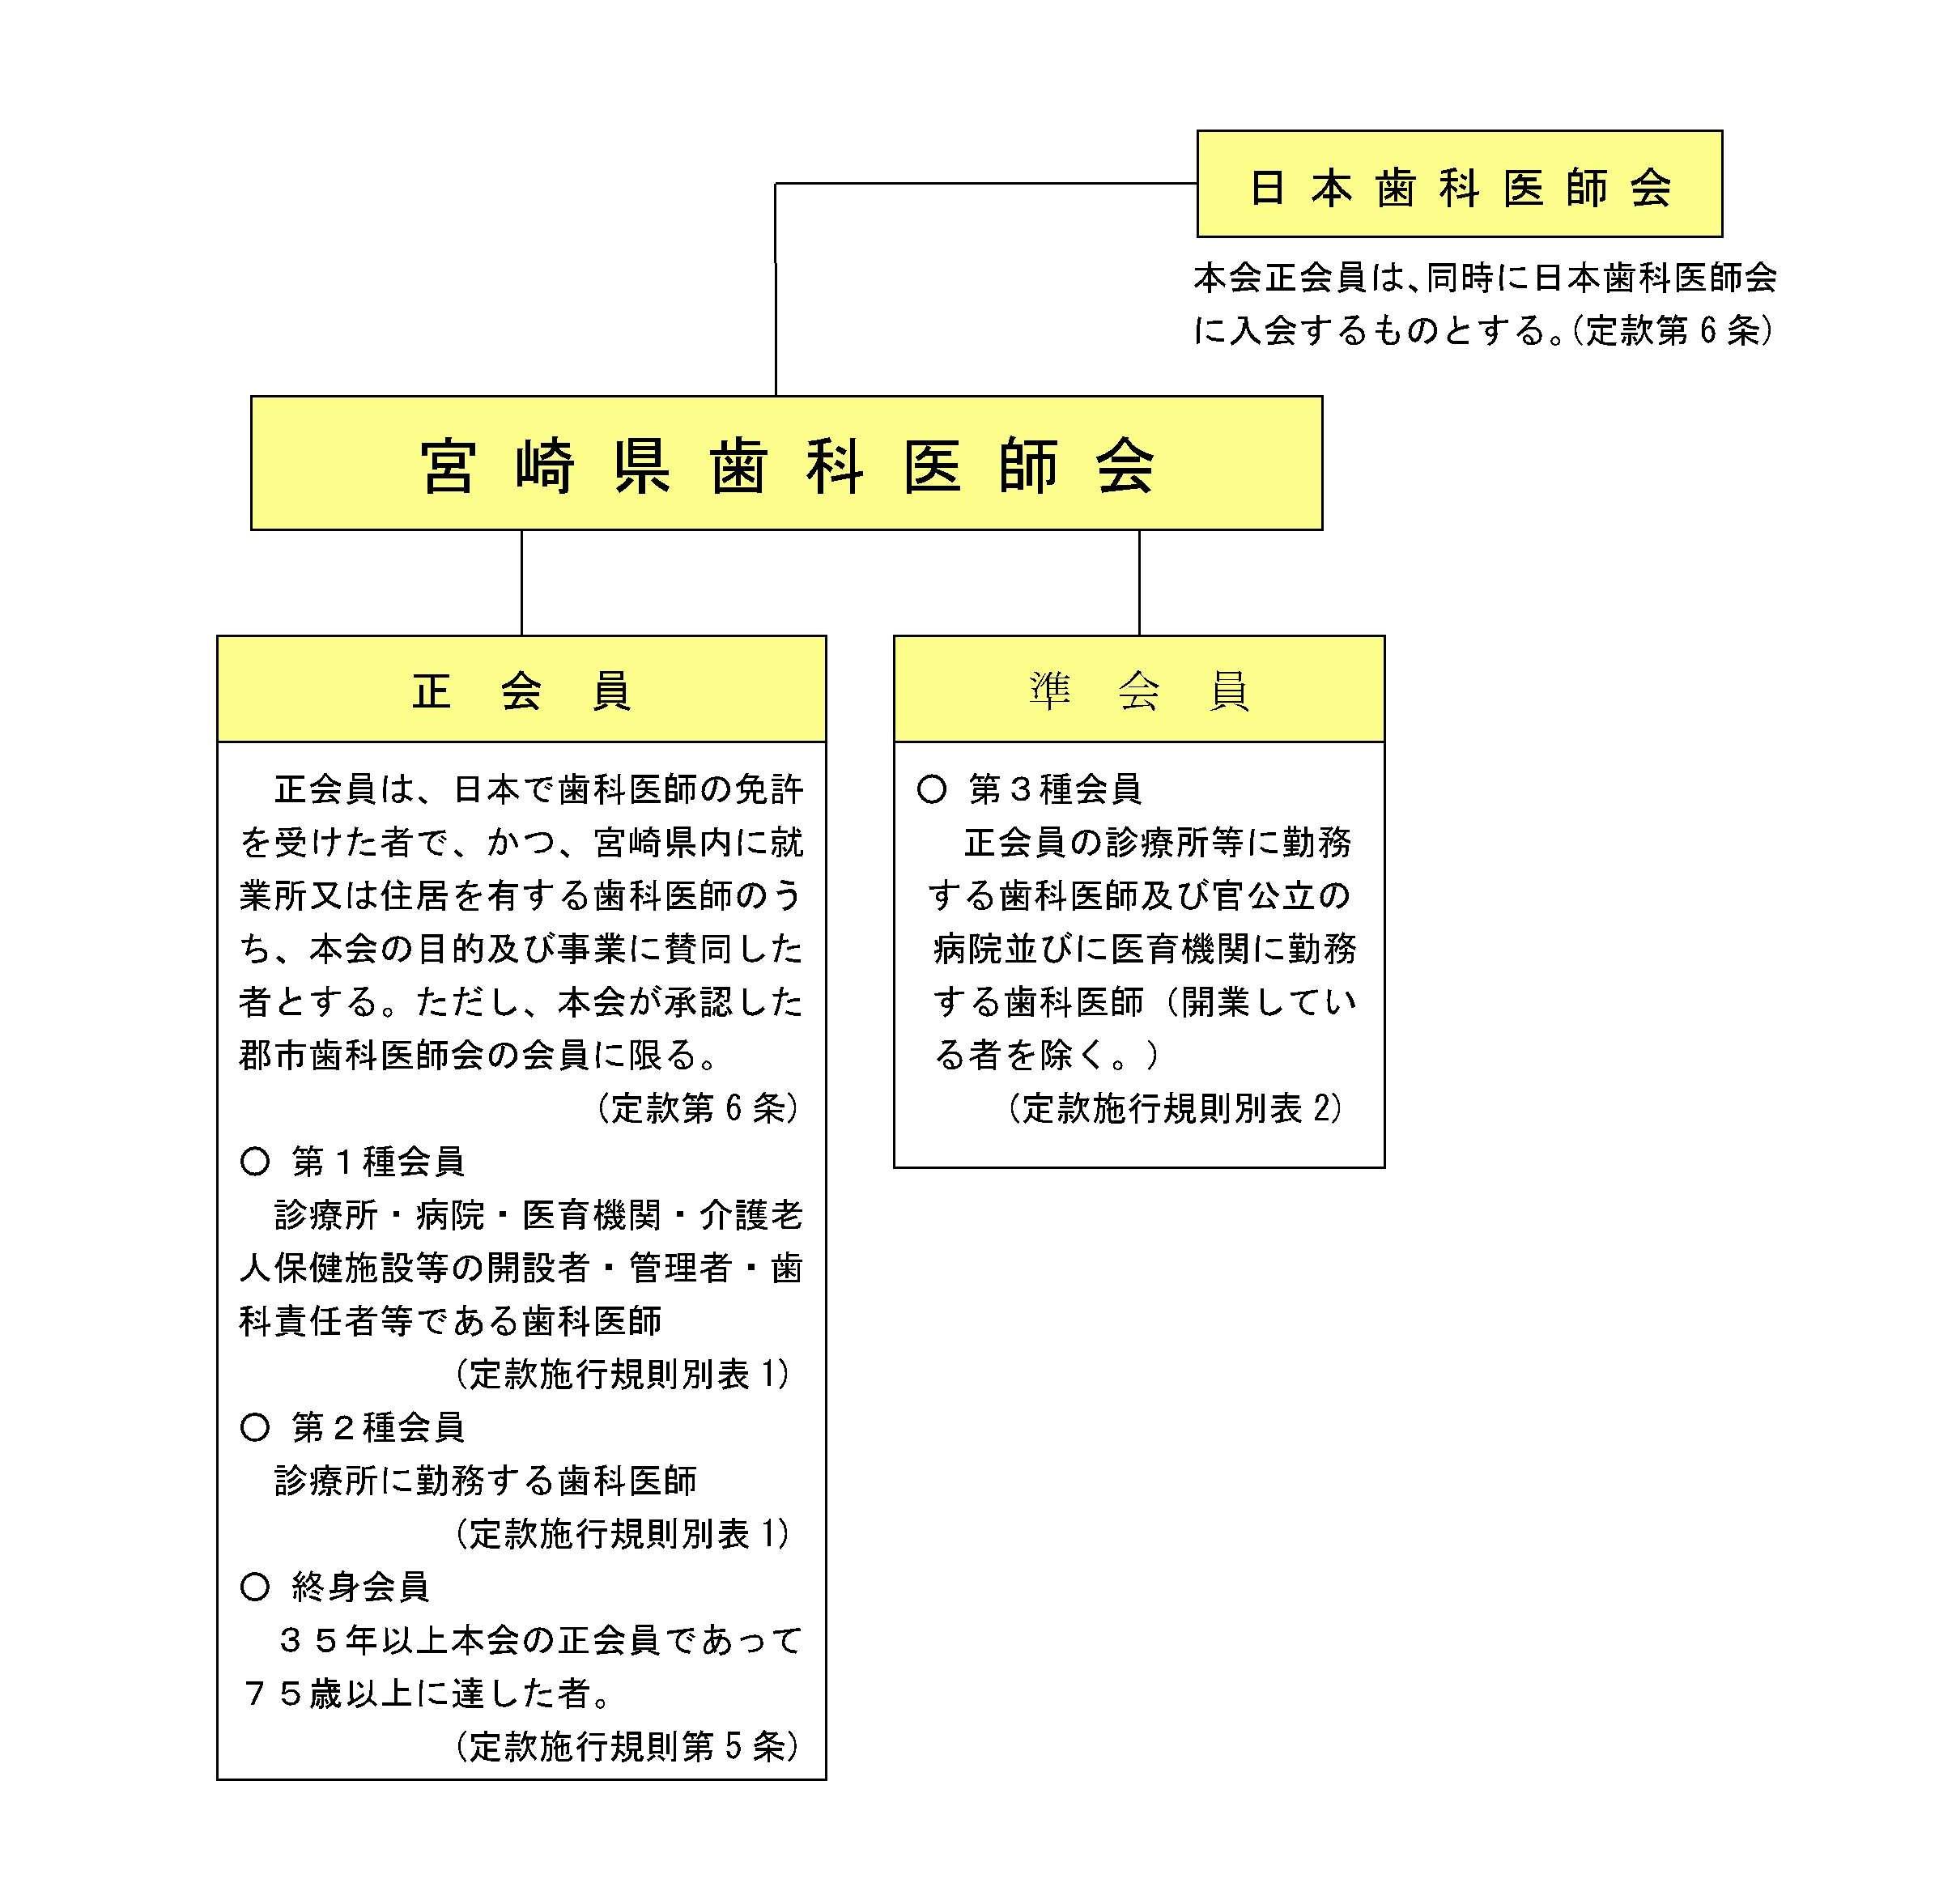 県歯組織図(H29